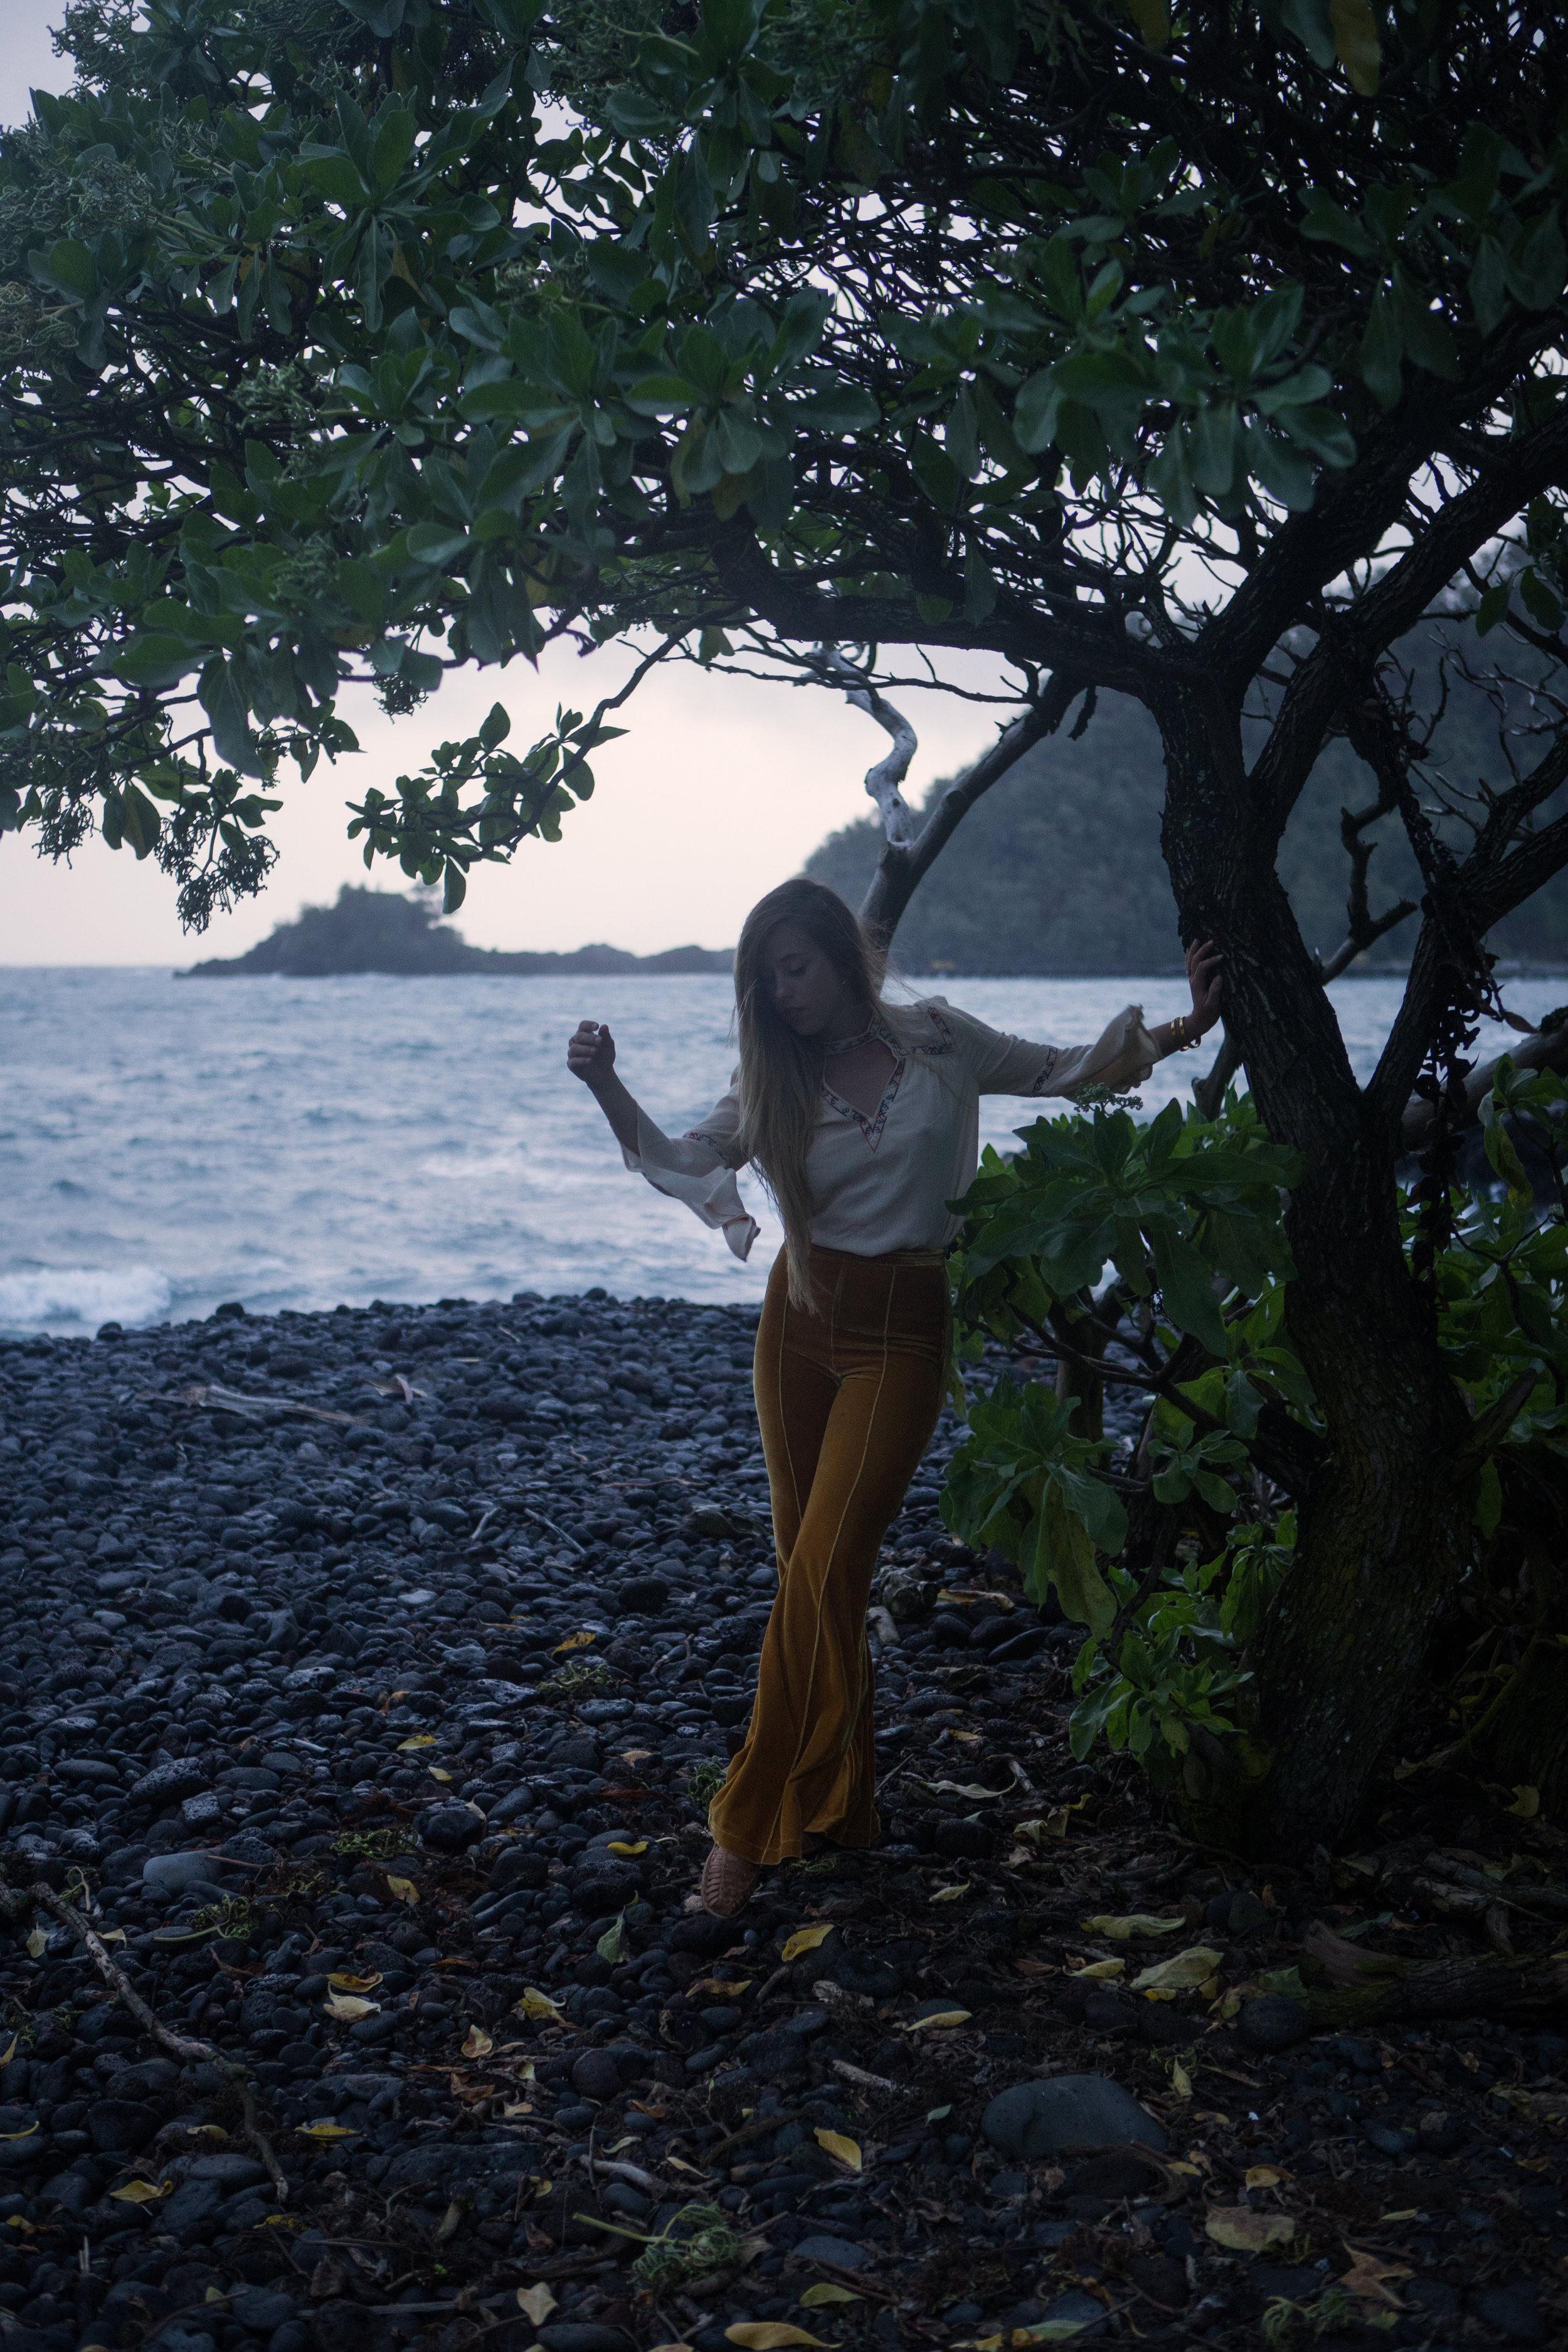 AstroBandit_Maui_Hawaii_JordanRose_Hana_BlackSandBeach_18.jpg